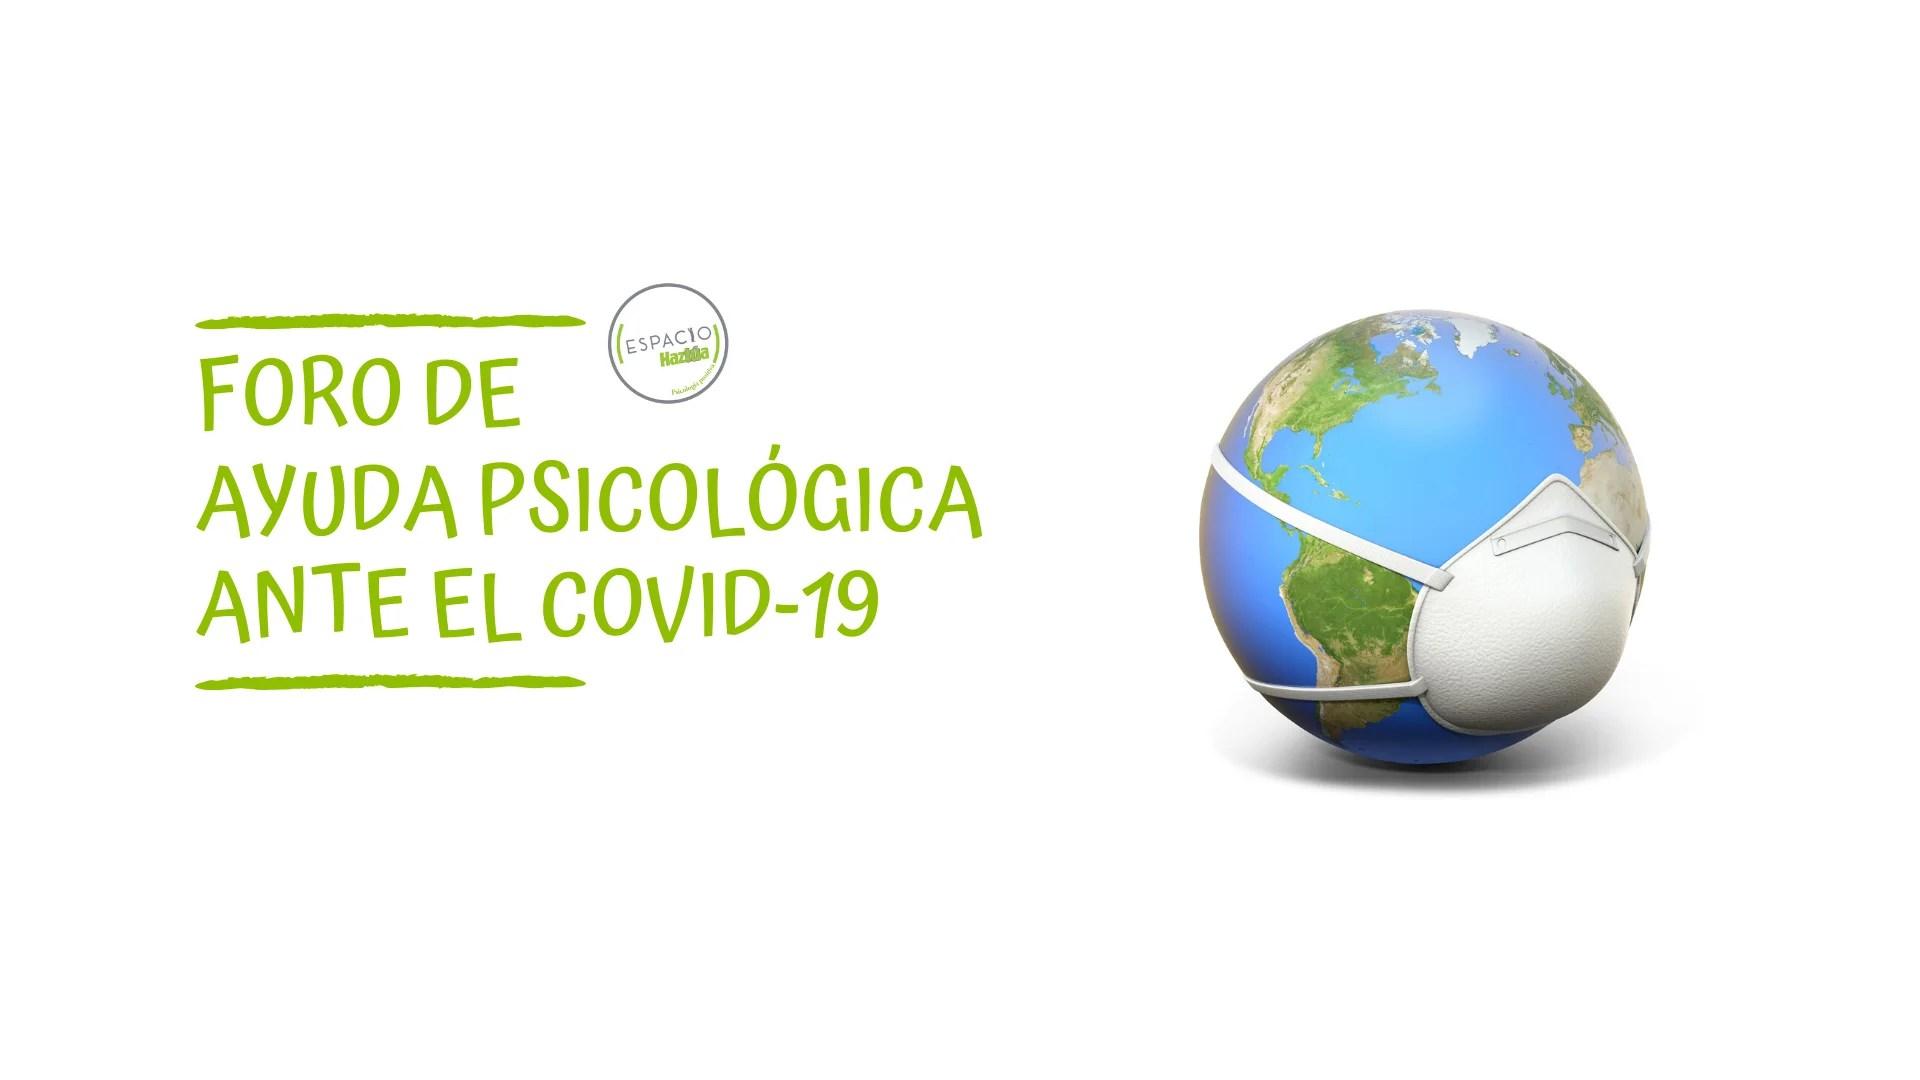 Foro de ayuda psicológica ante el COVID-19